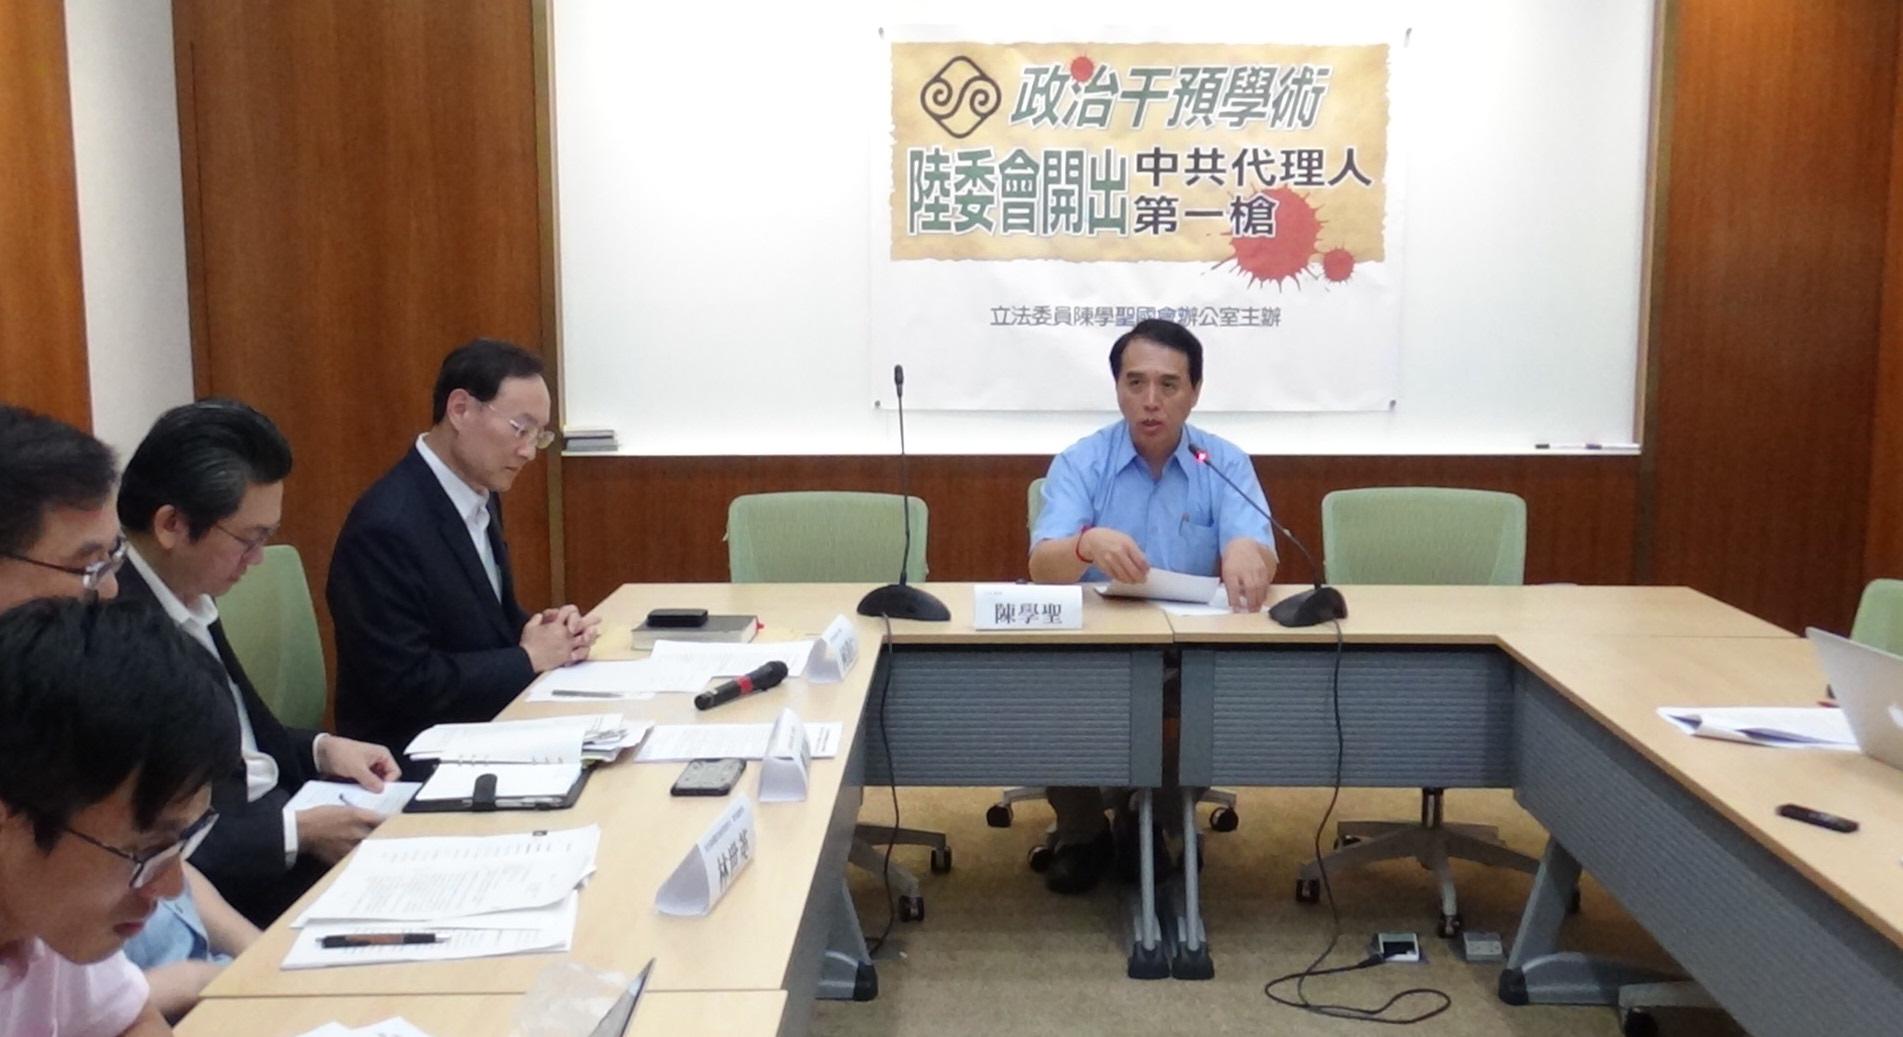 国民党立委陈学圣(右)质疑教育部和陆委会,对台湾学者赴陆任教及在台兼职相关规定,认定不一。(记者夏小华摄)